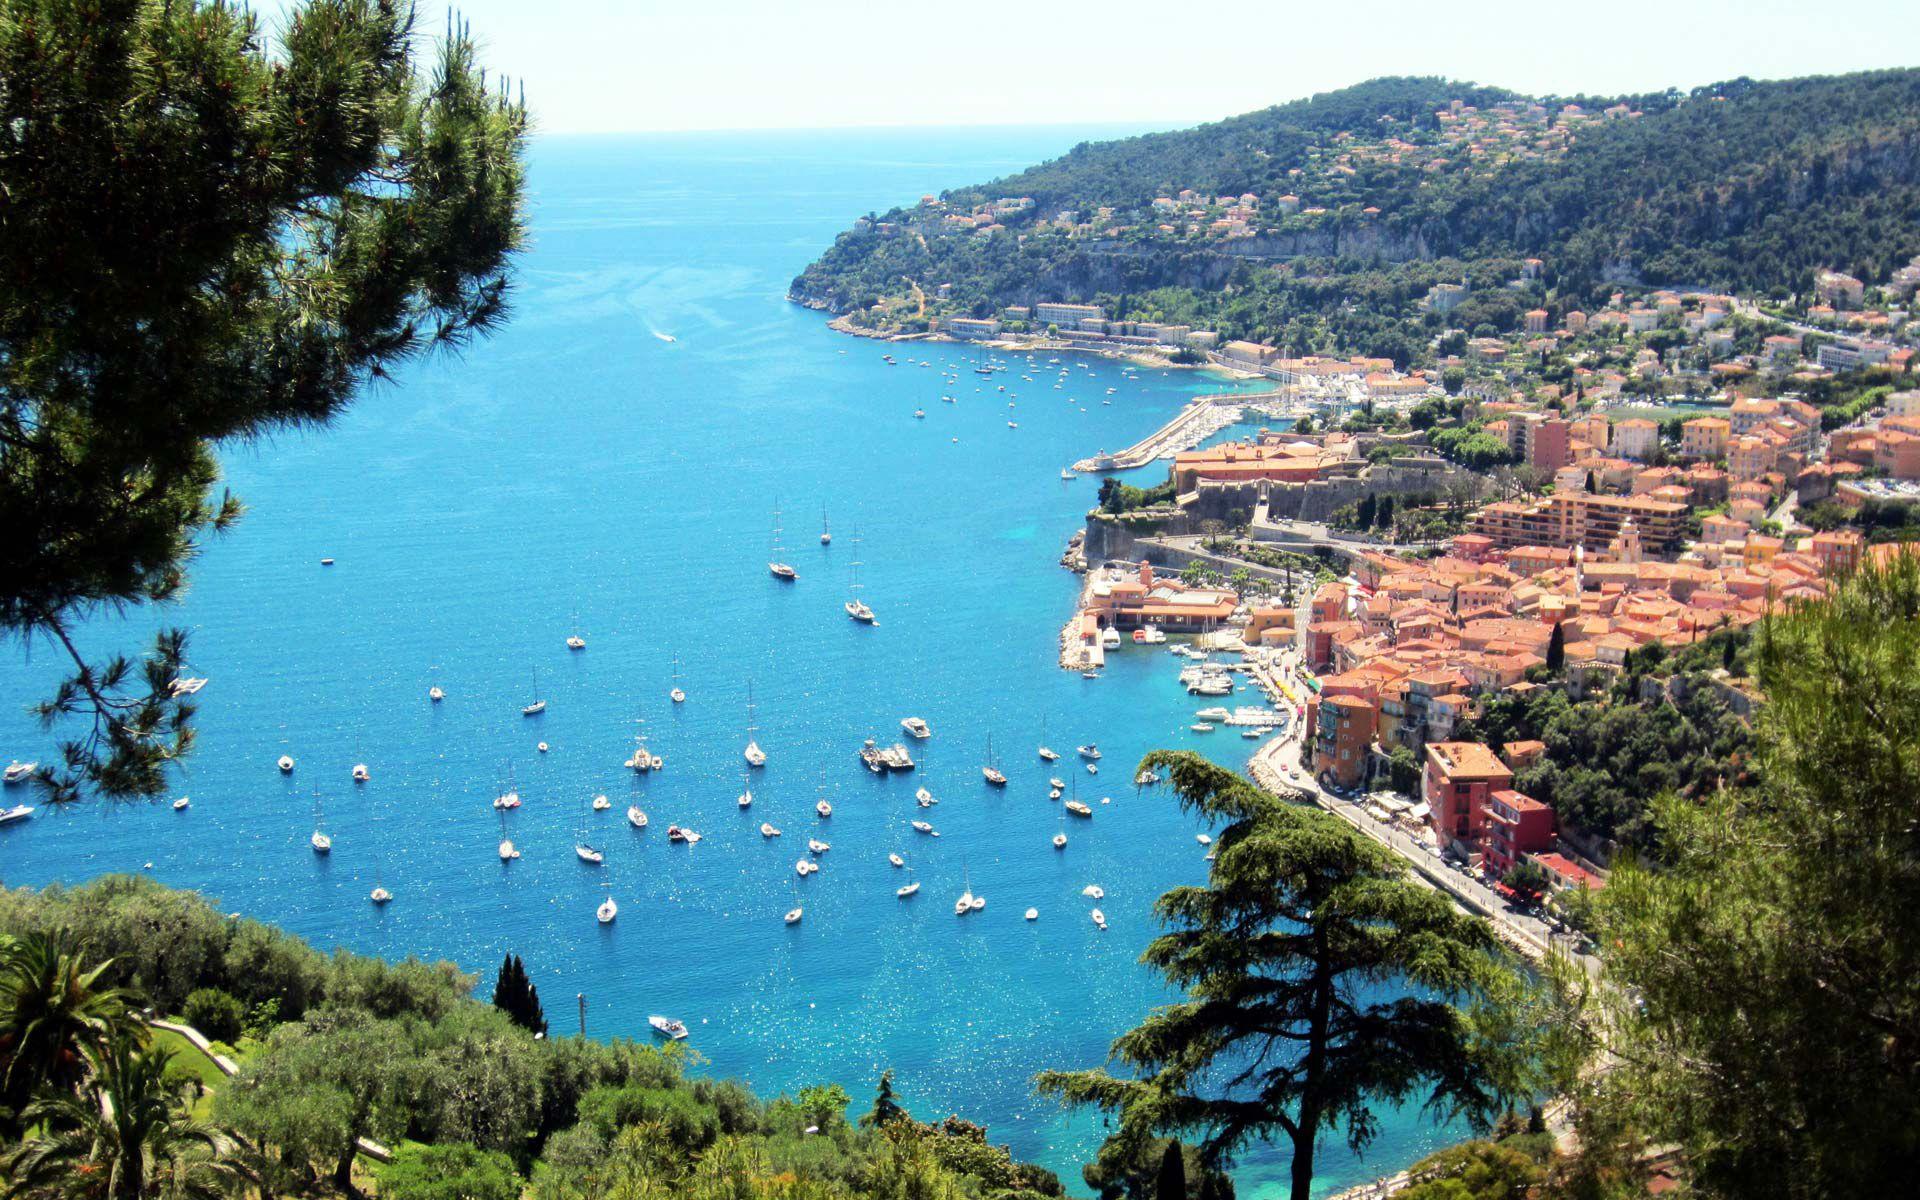 The Côte d'Azur has